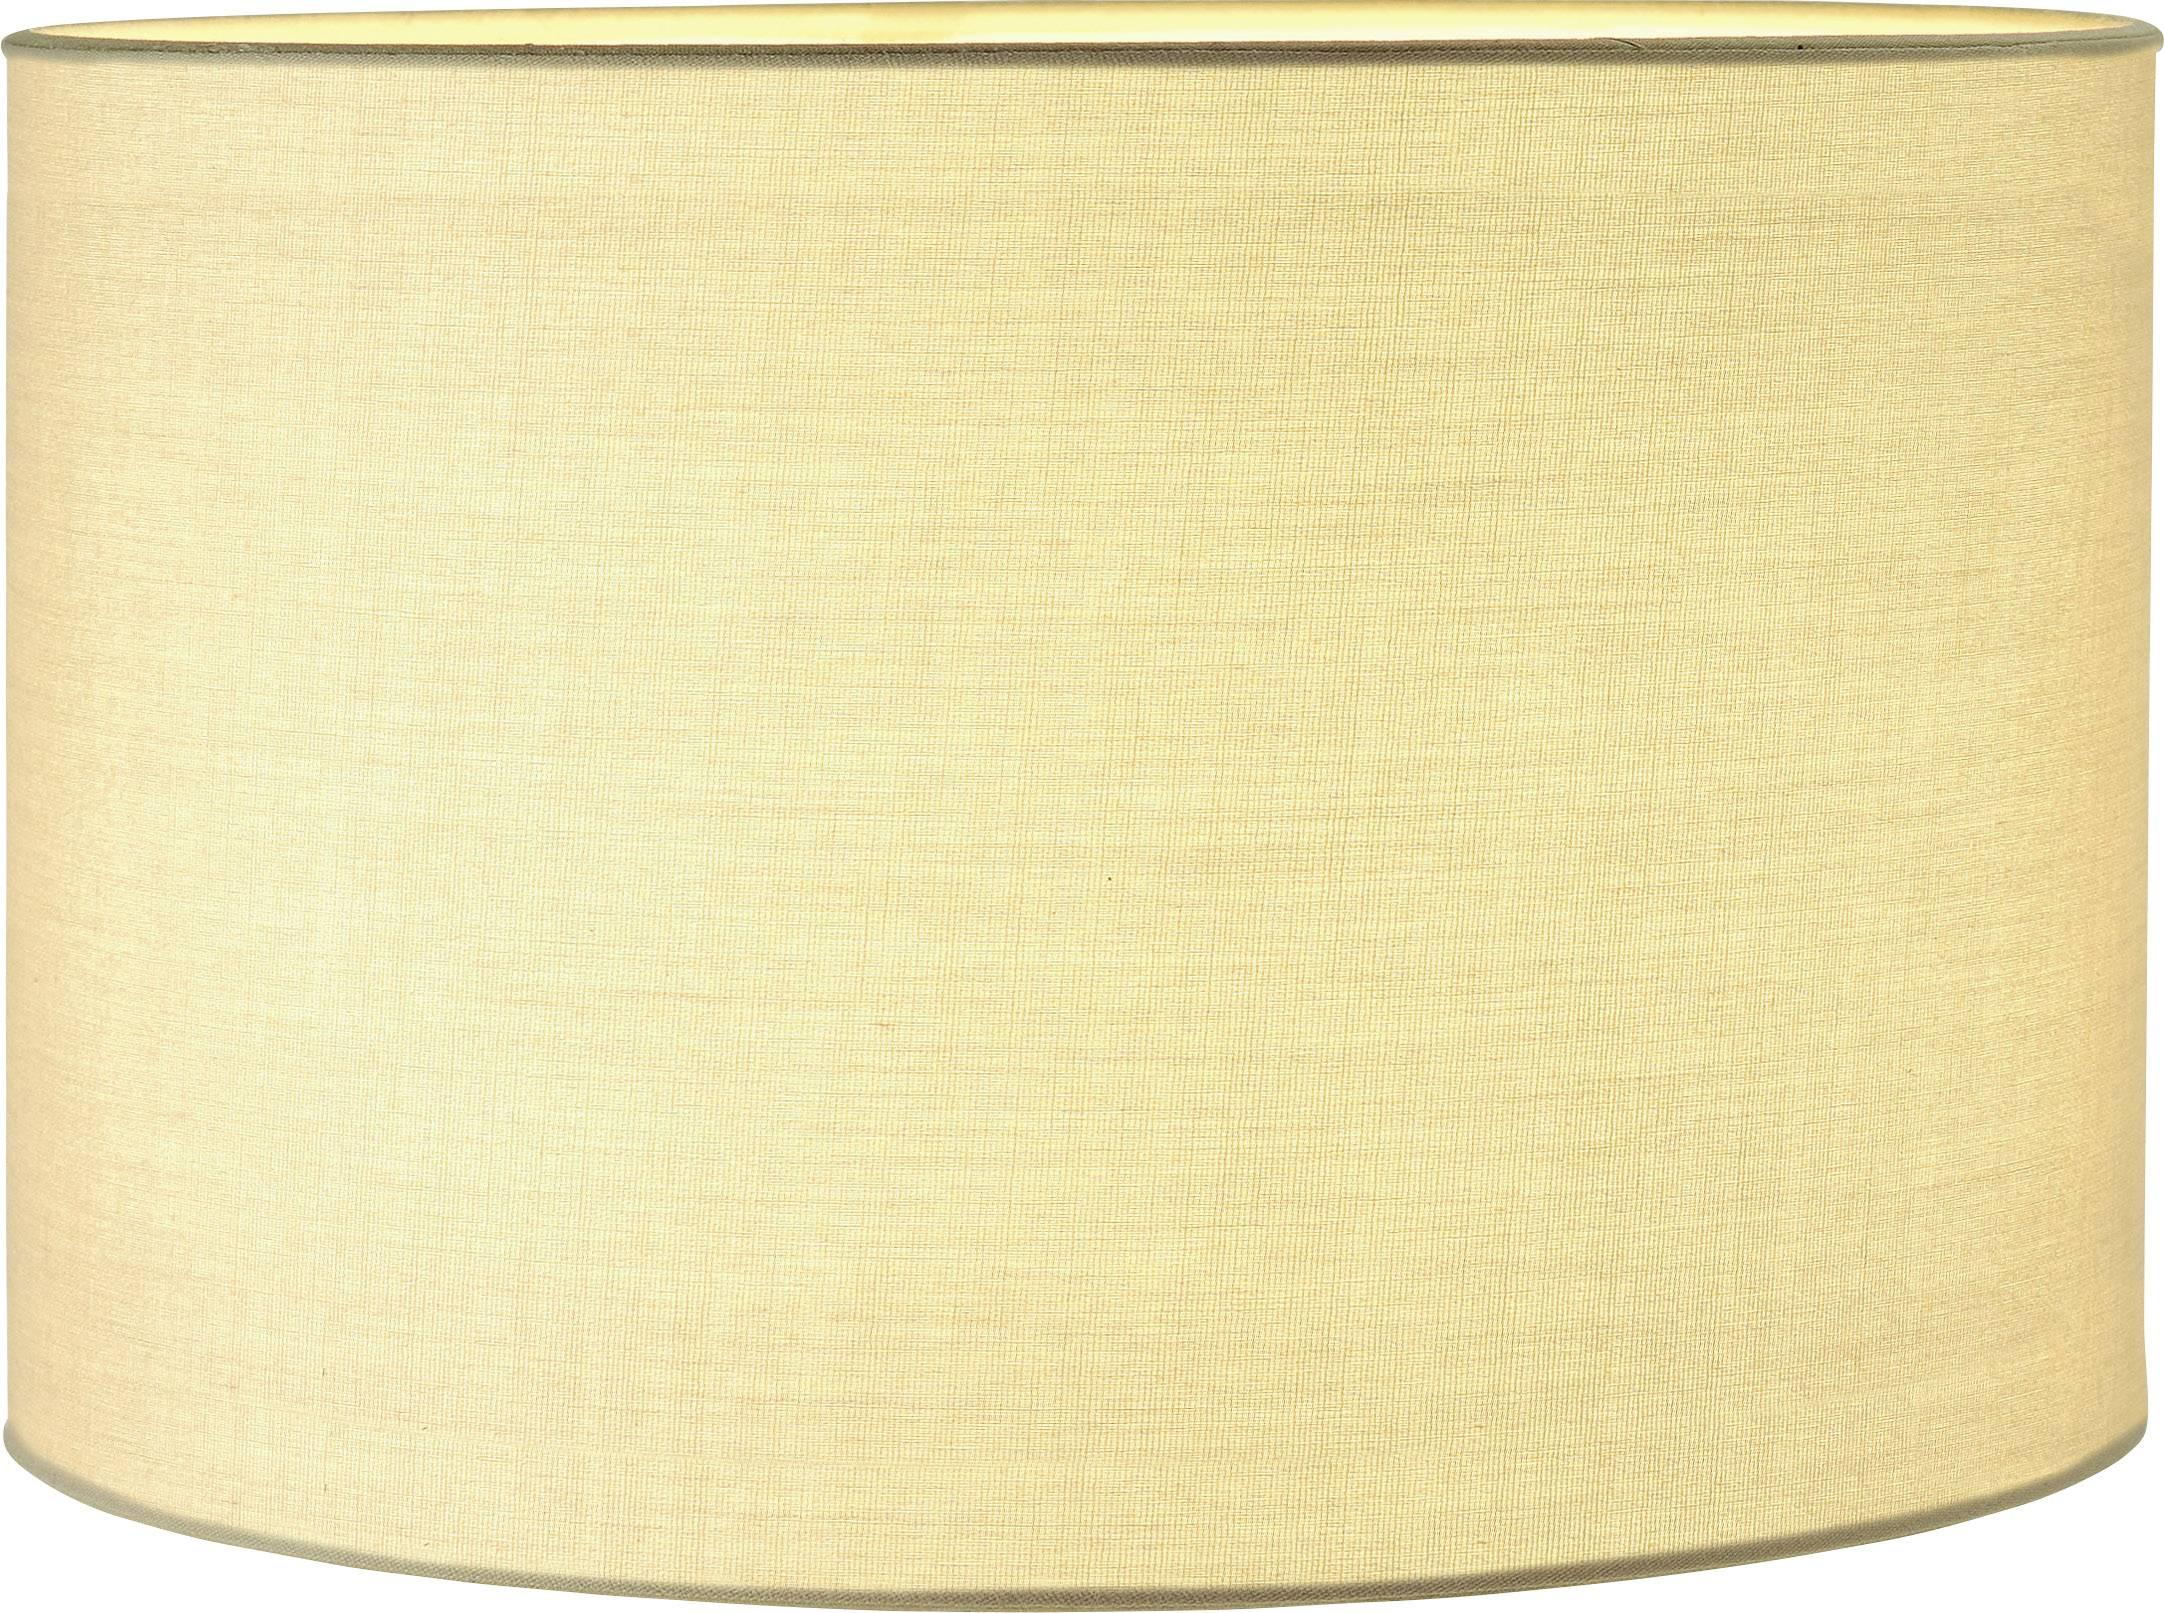 SLV Stínítko pro závěsné osvětlení 155583 béžová